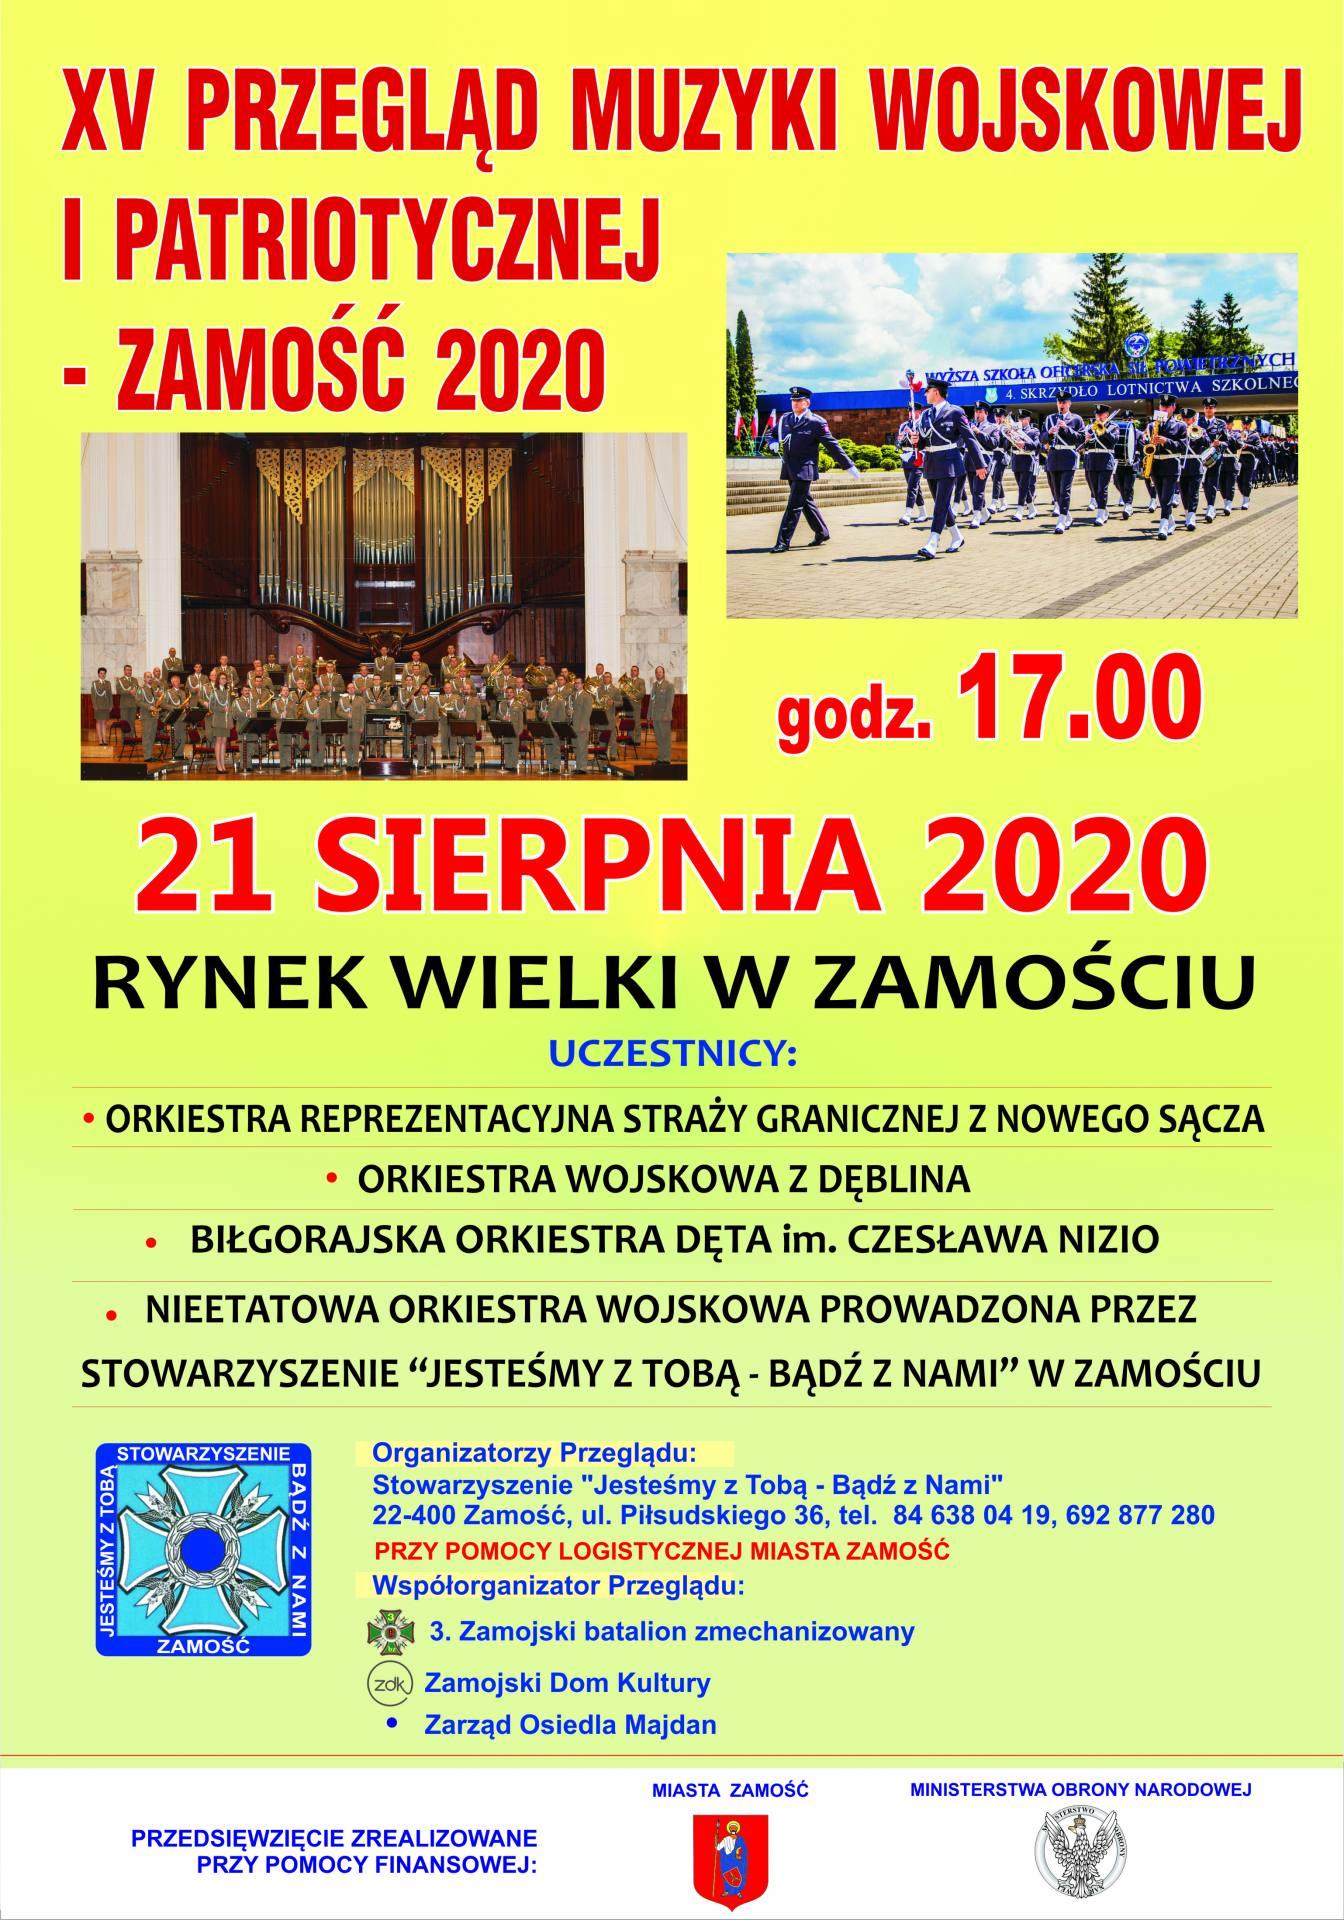 2020 plakat orkiestra Zaproszenie na XV Przegląd Muzyki Wojskowej i Patriotycznej - Zamość 2020.